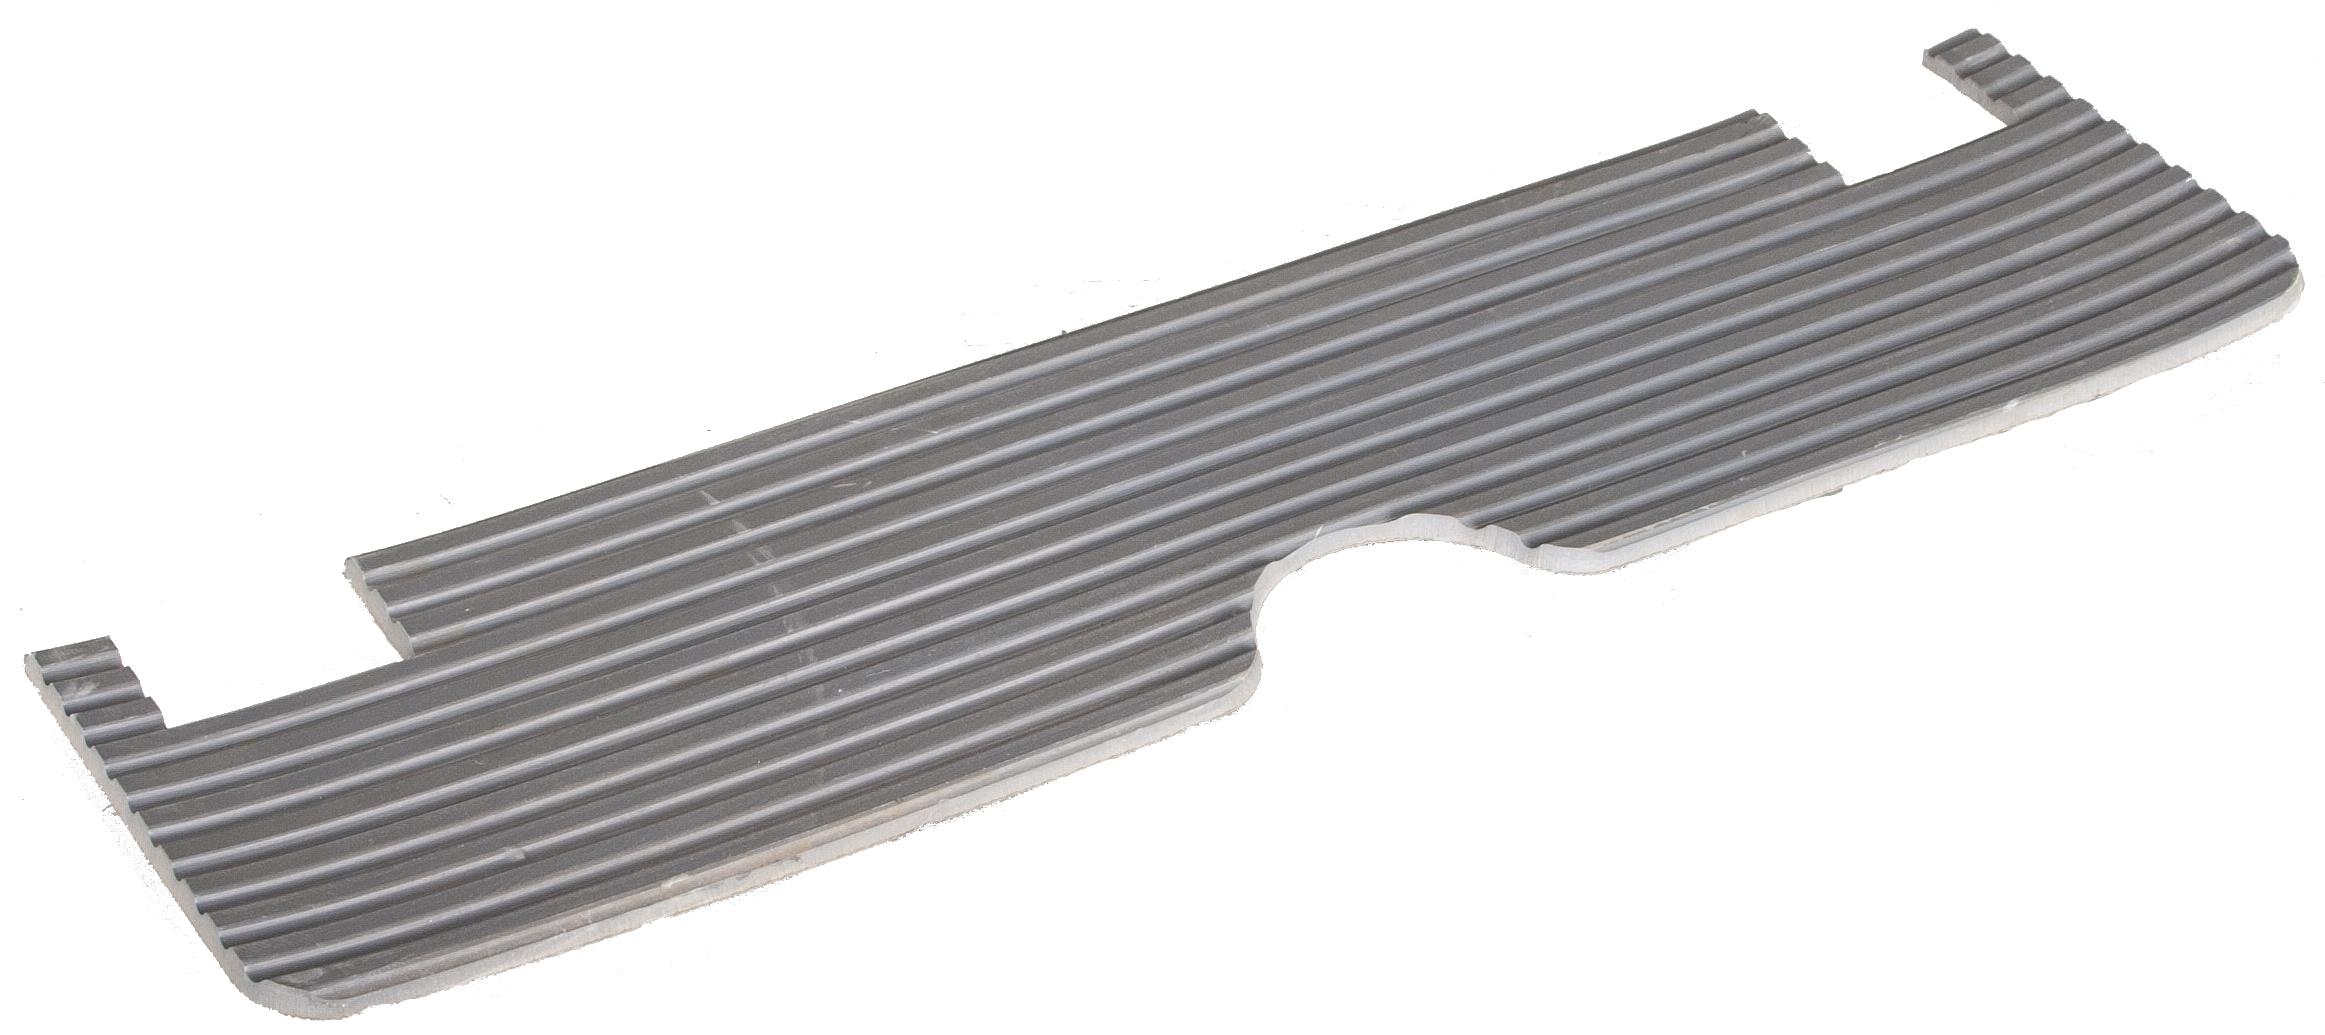 Gummibelag für Schaufel Stahlrohrsackkarre verzinkt